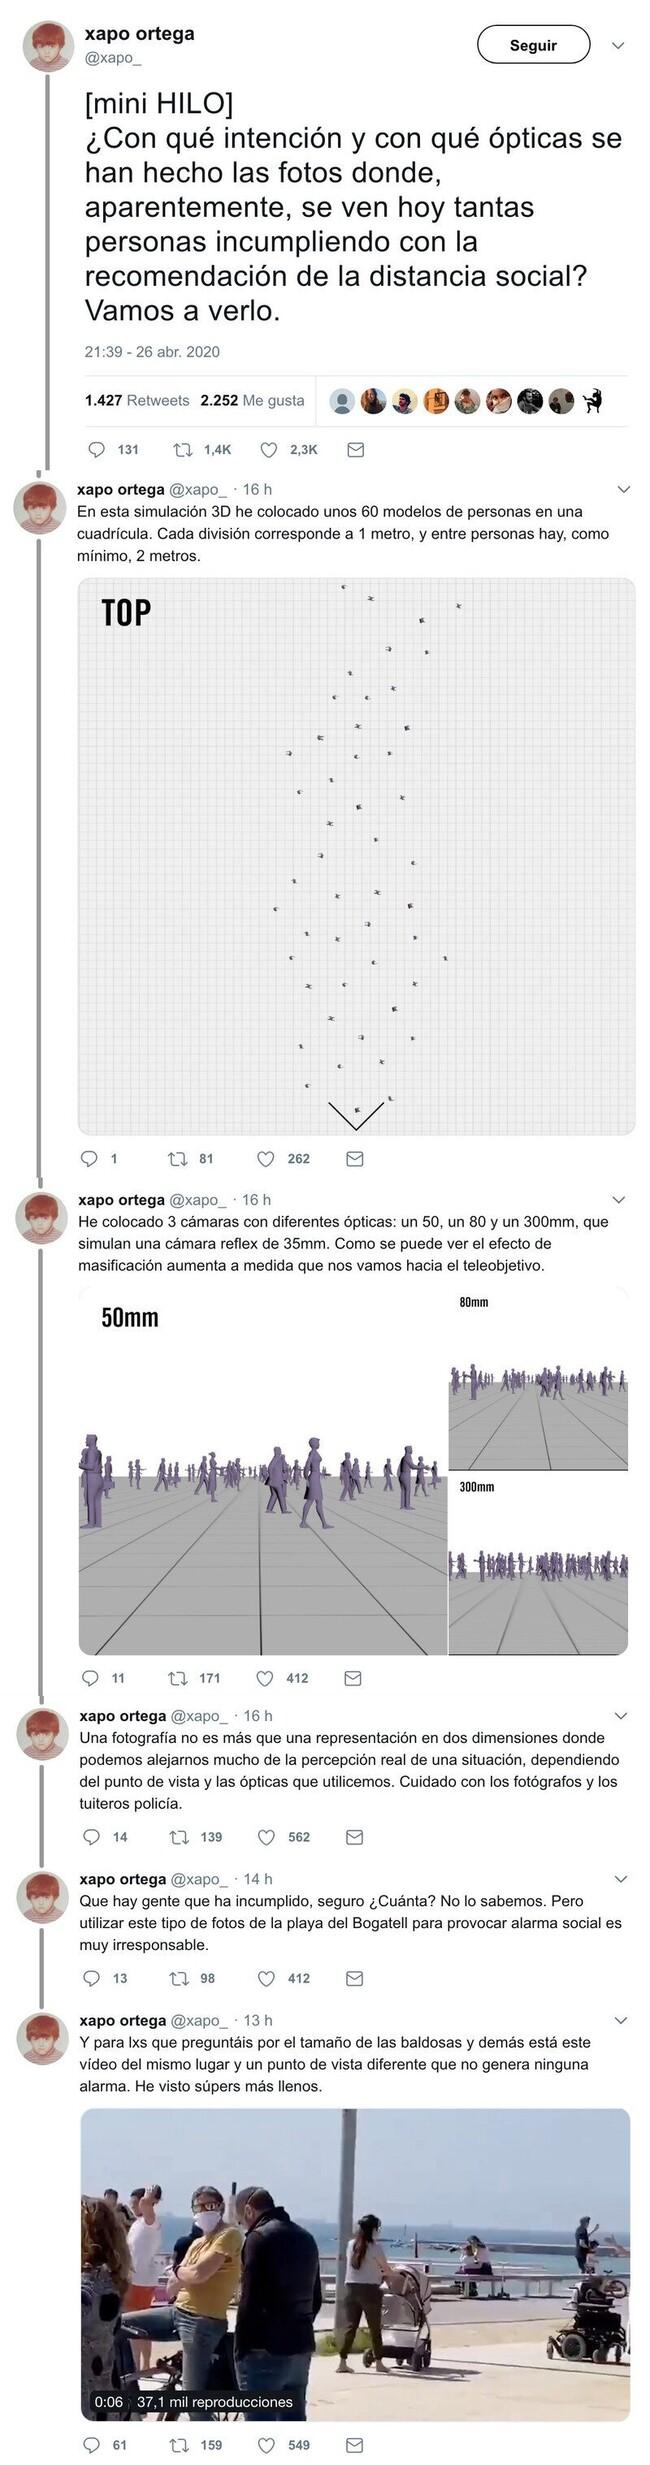 13541 - Toda la verdad y explicación lógica de las fotos que se difundieron ayer con las calles llenas de gente y de niños, por @xapo_